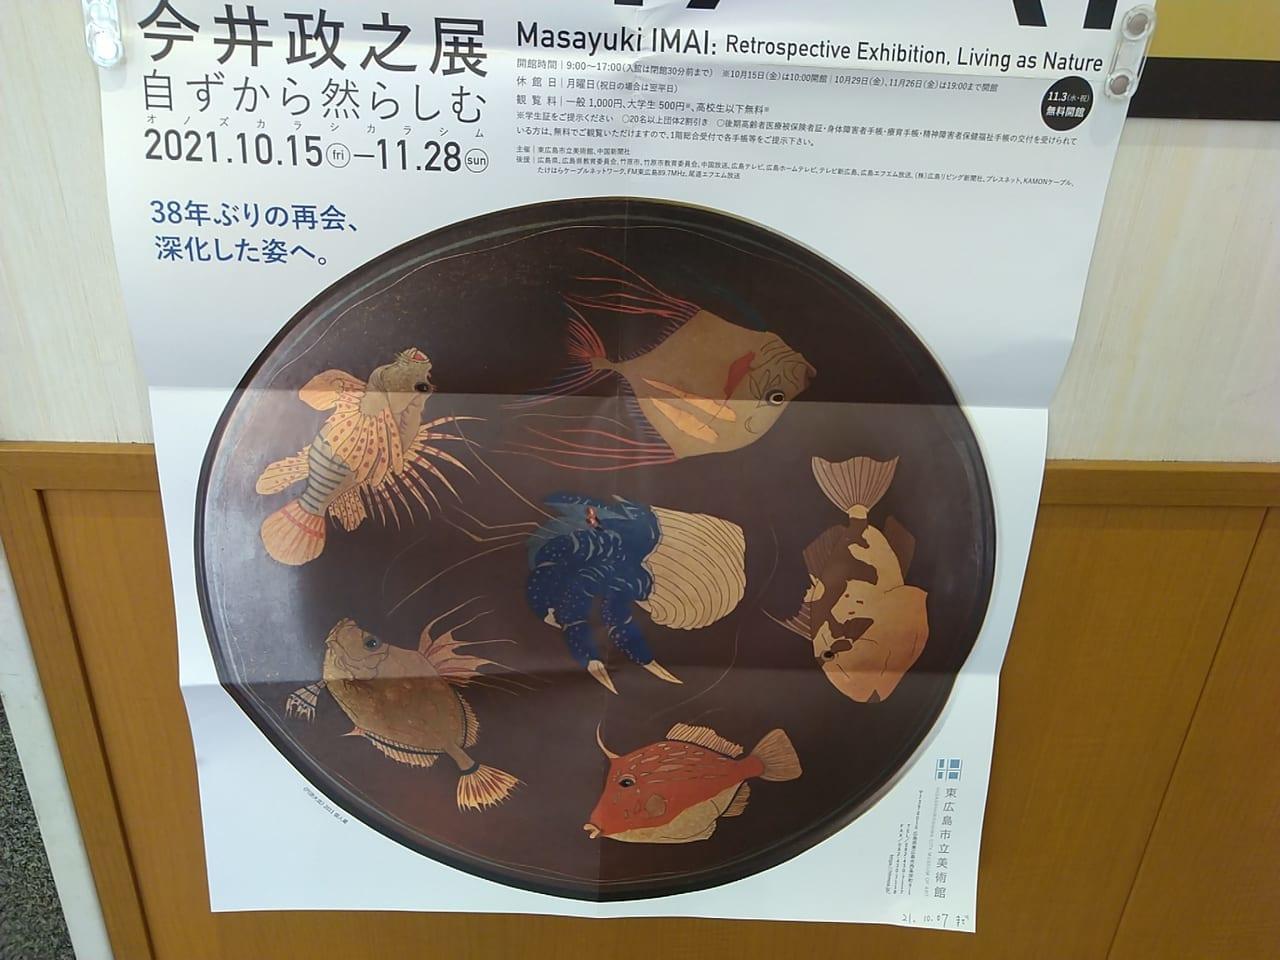 東広島市立美術館のチラシ